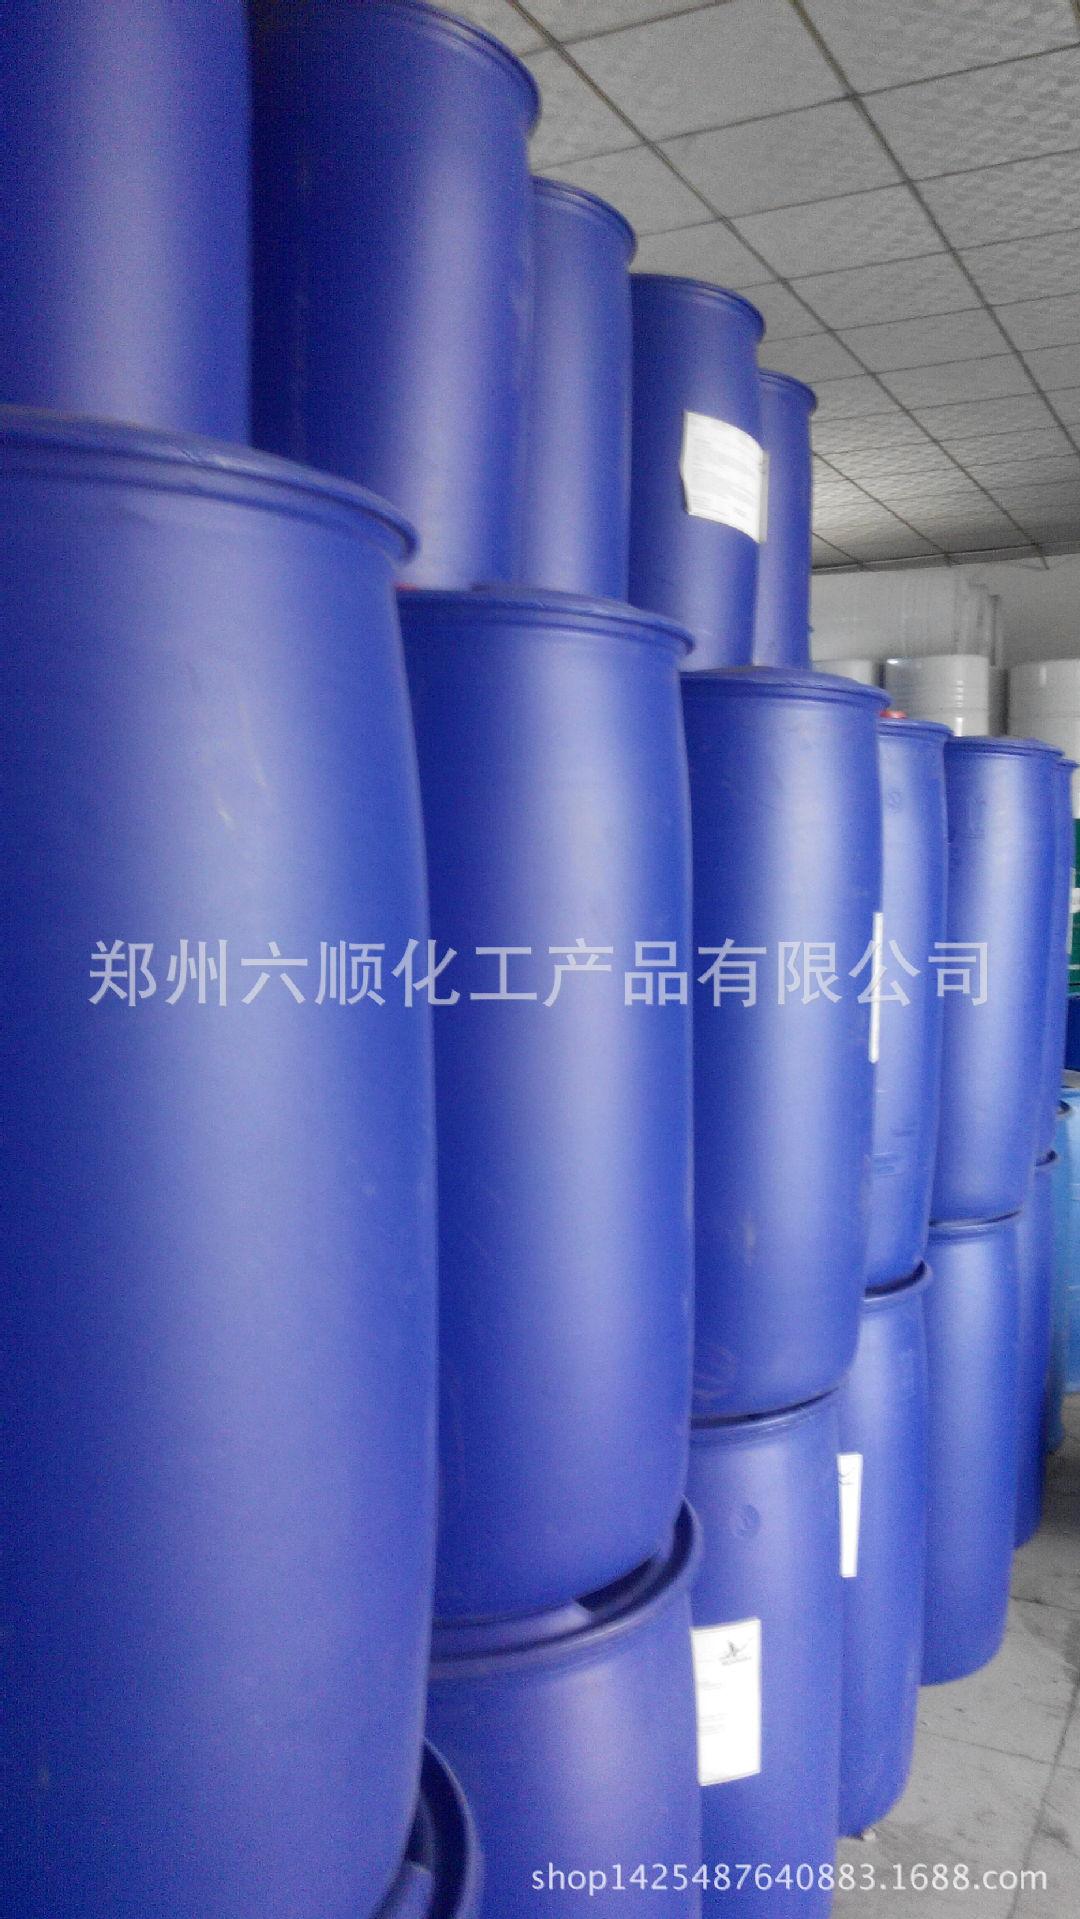 厂家直销优质二甲基亚砜 DMSO工业级 二甲基亚砜